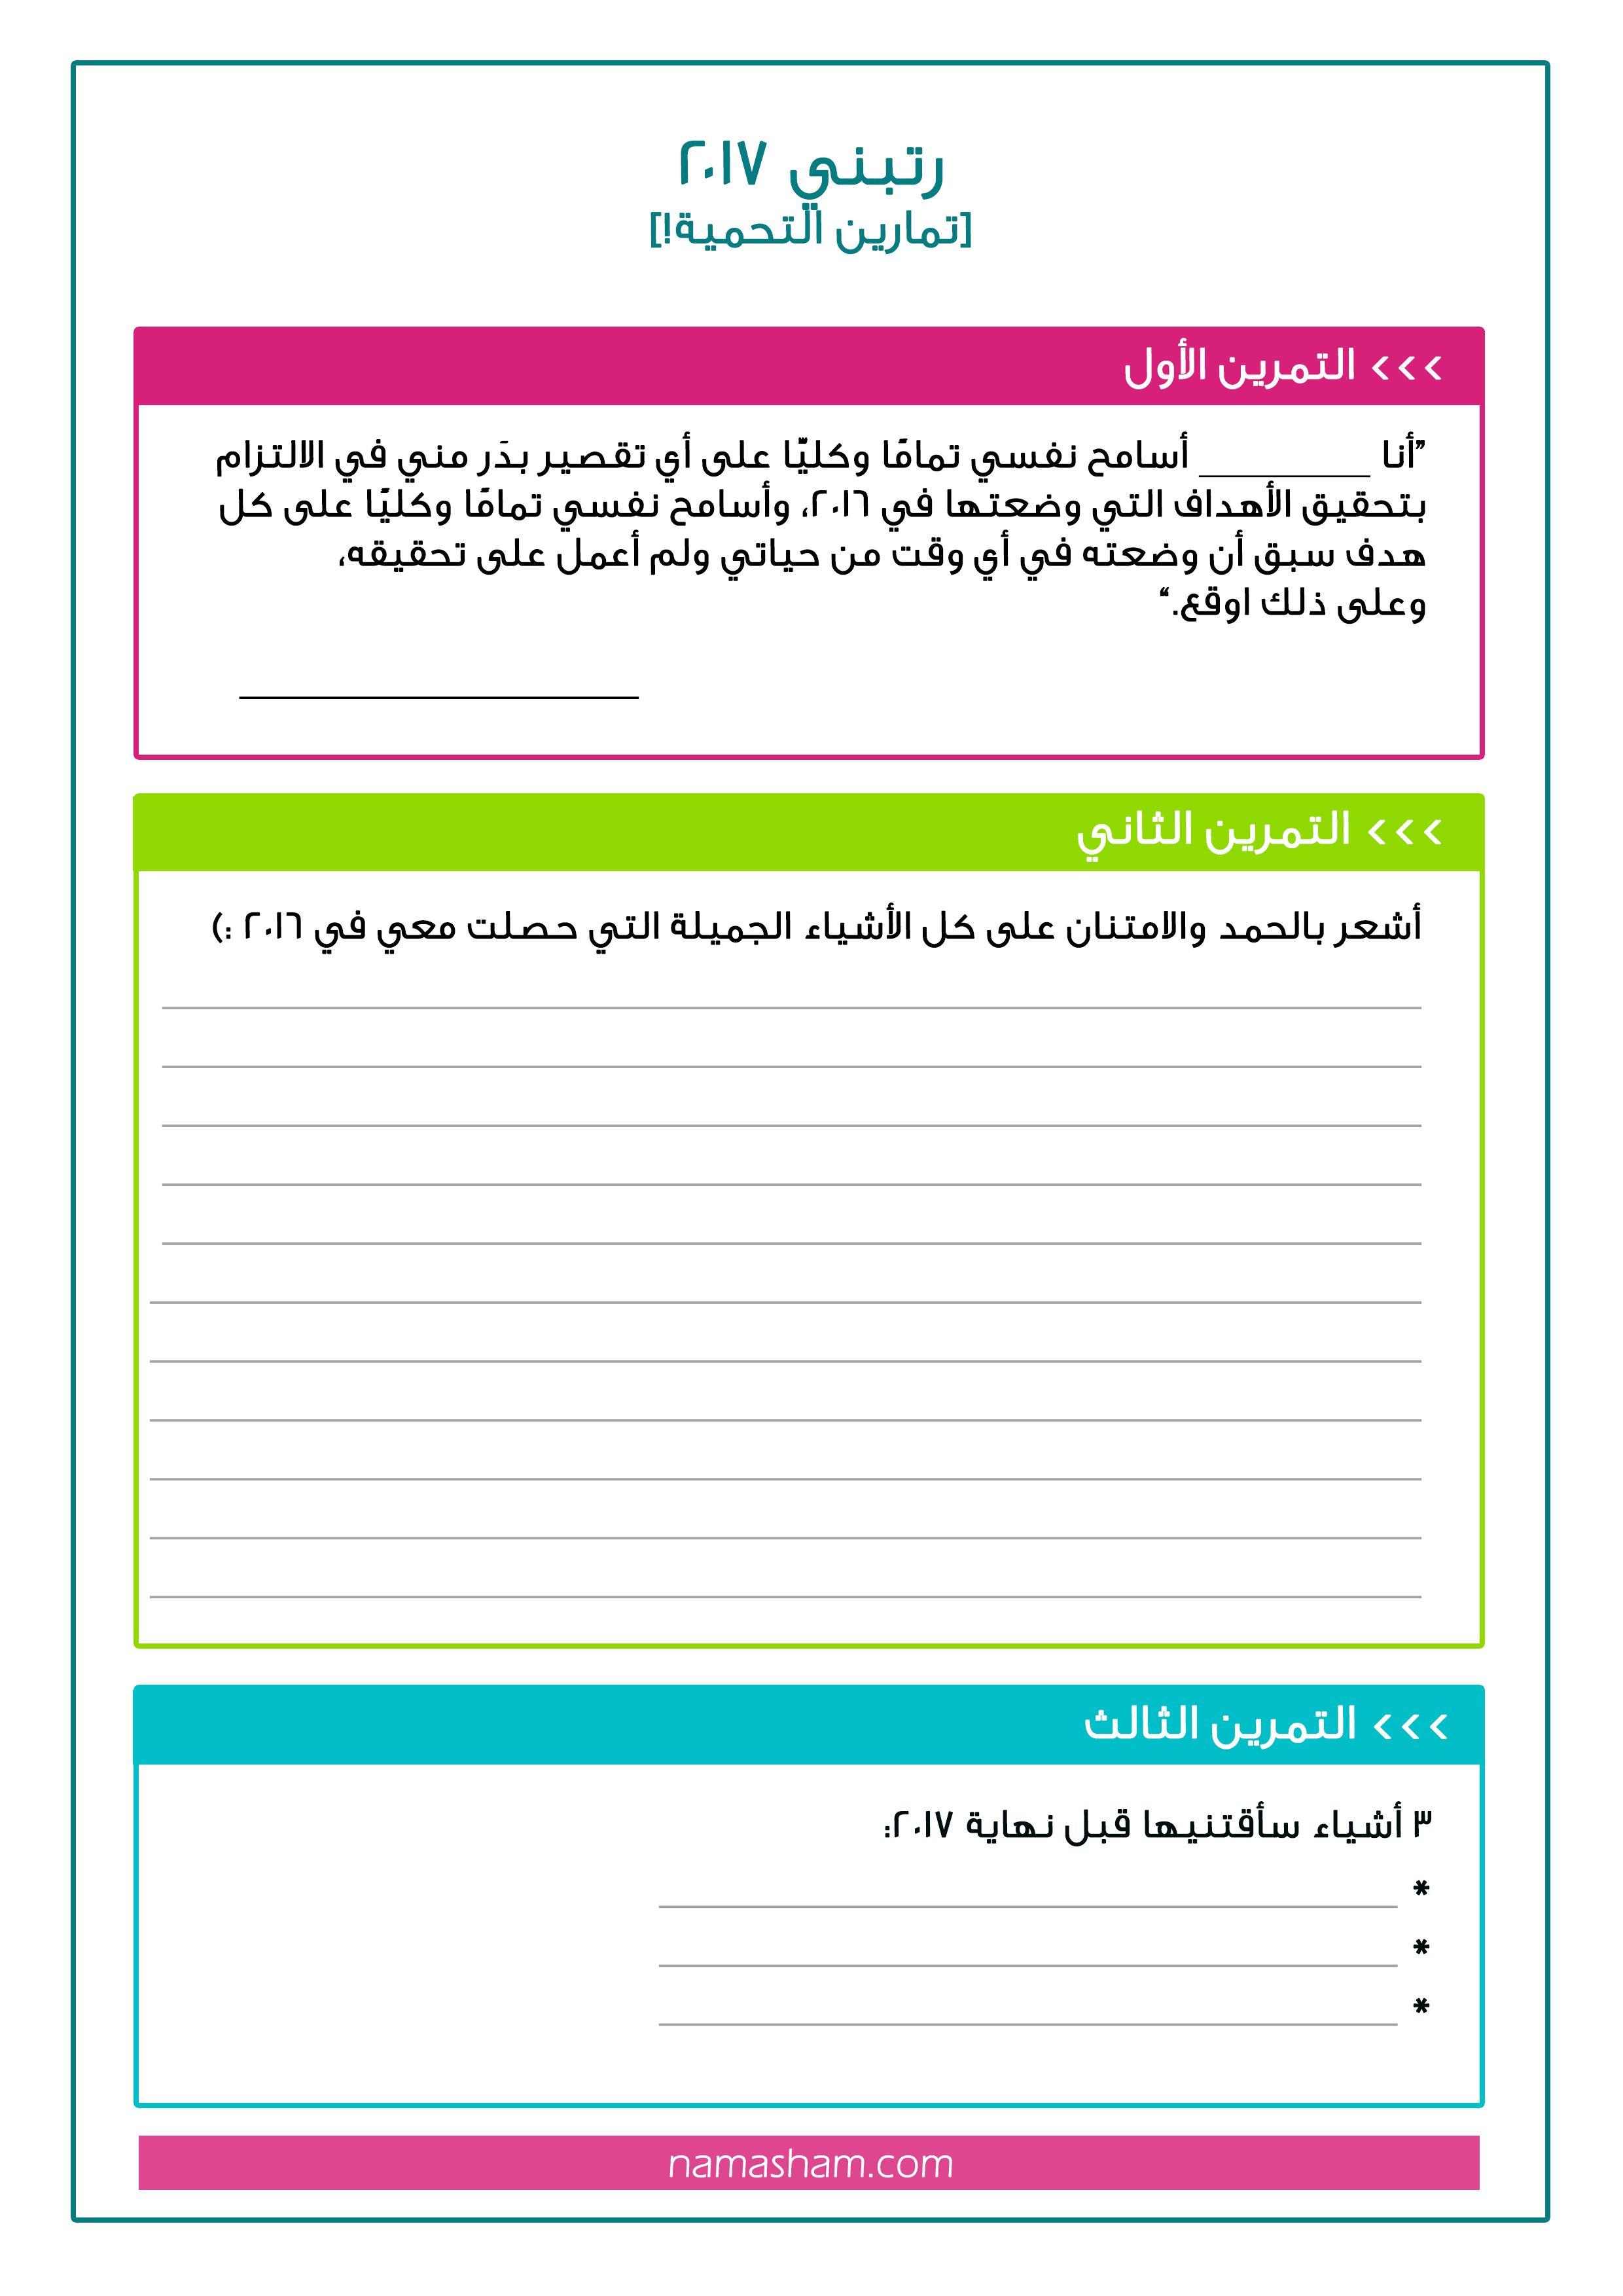 أوراق عمل دورة رتبني2017 مدونة نماء شام Learning Websites Life Planner Organization Planner Organization